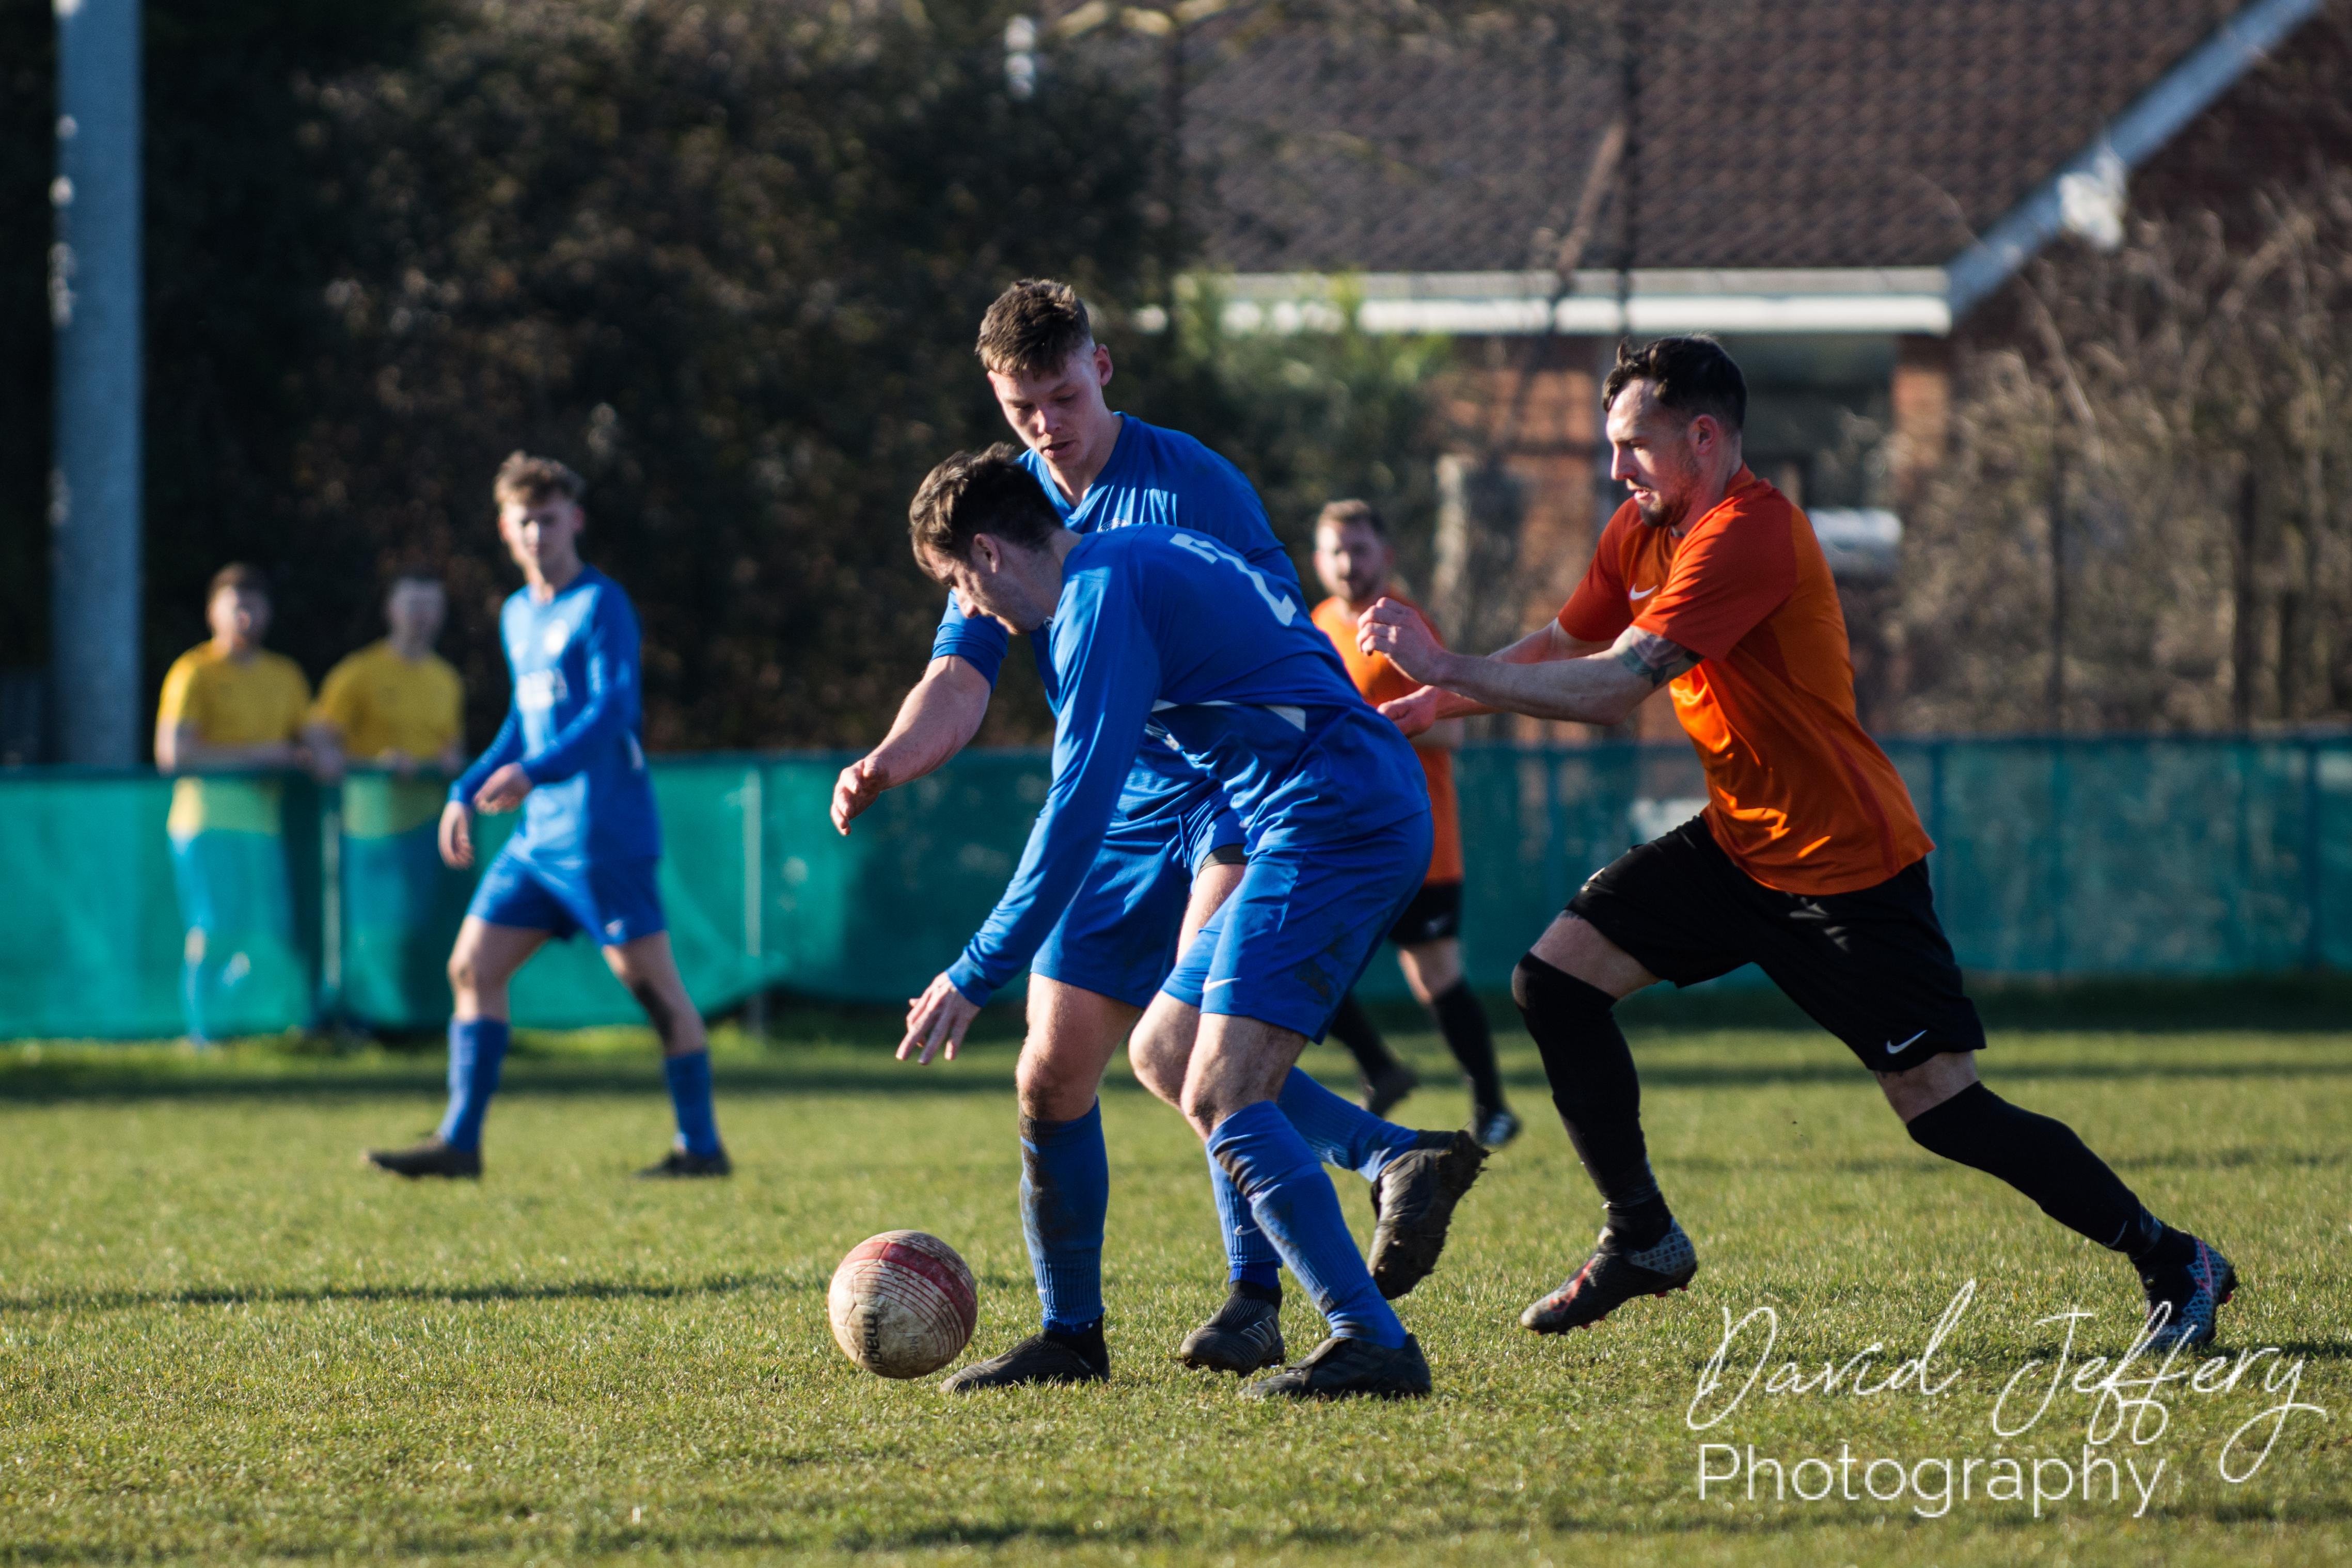 DAVID_JEFFERY MOFC vs Storrington 032